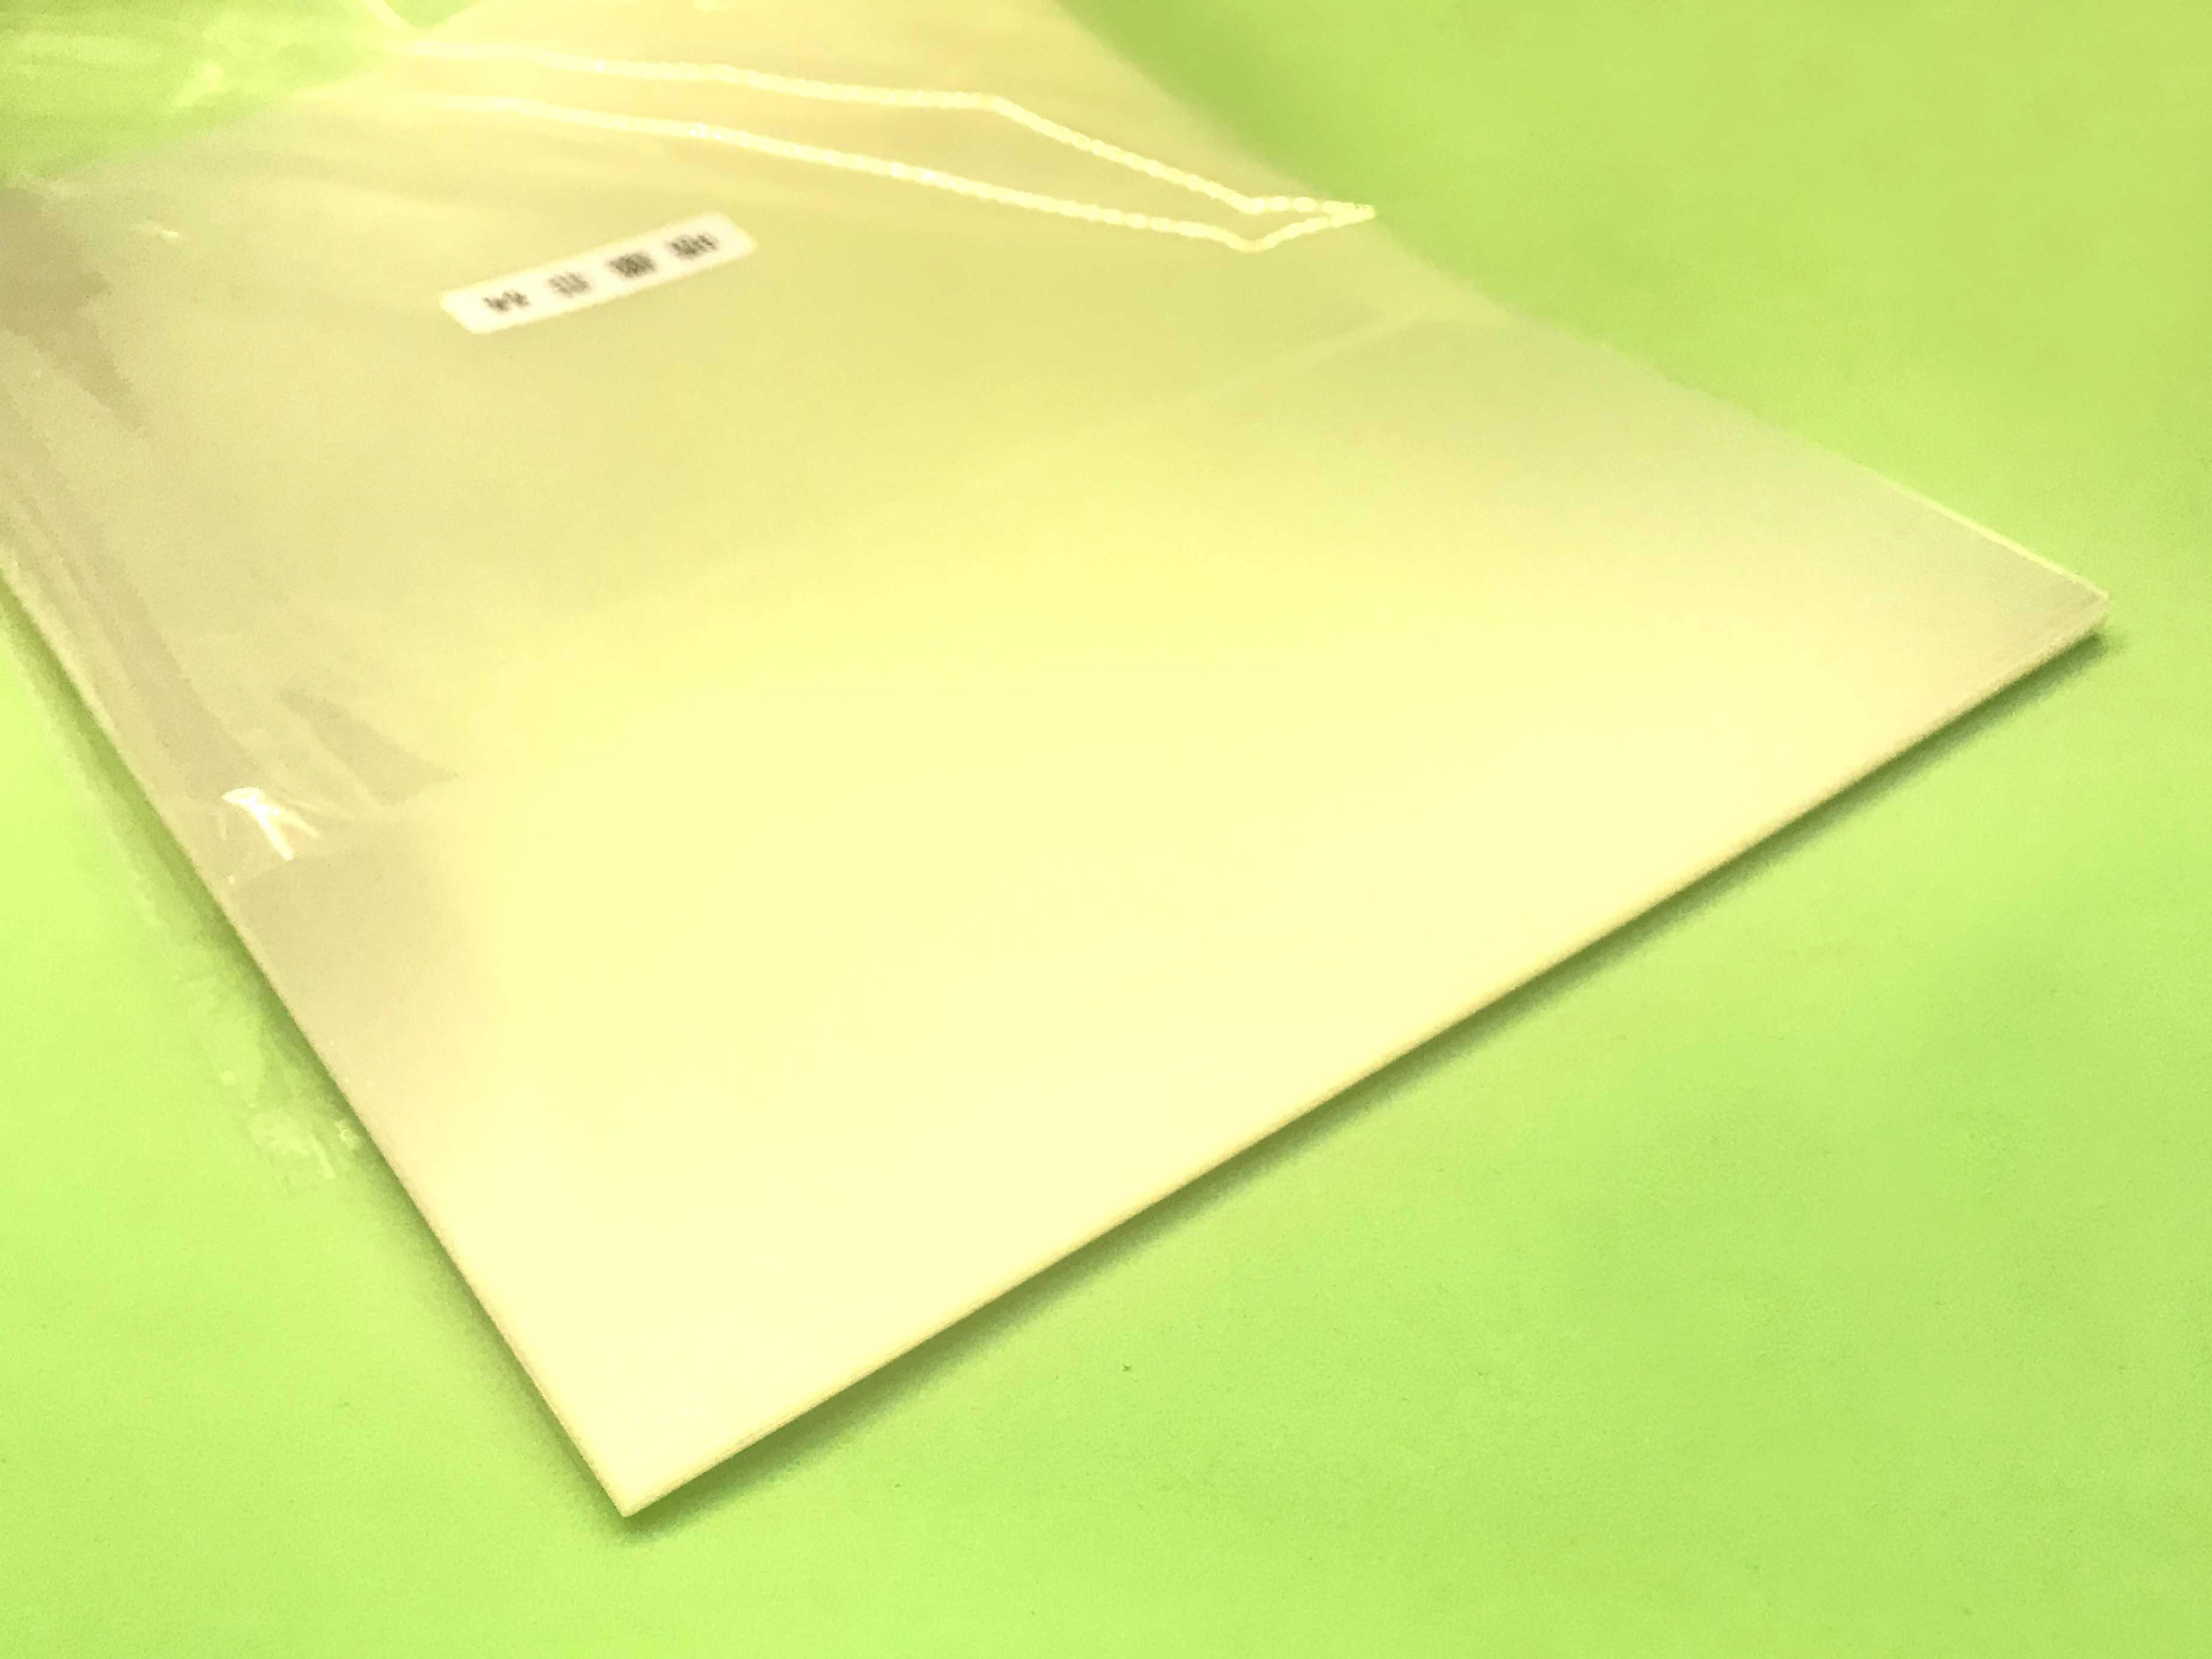 Tấm bóng kính A4 in mạch điện PCB